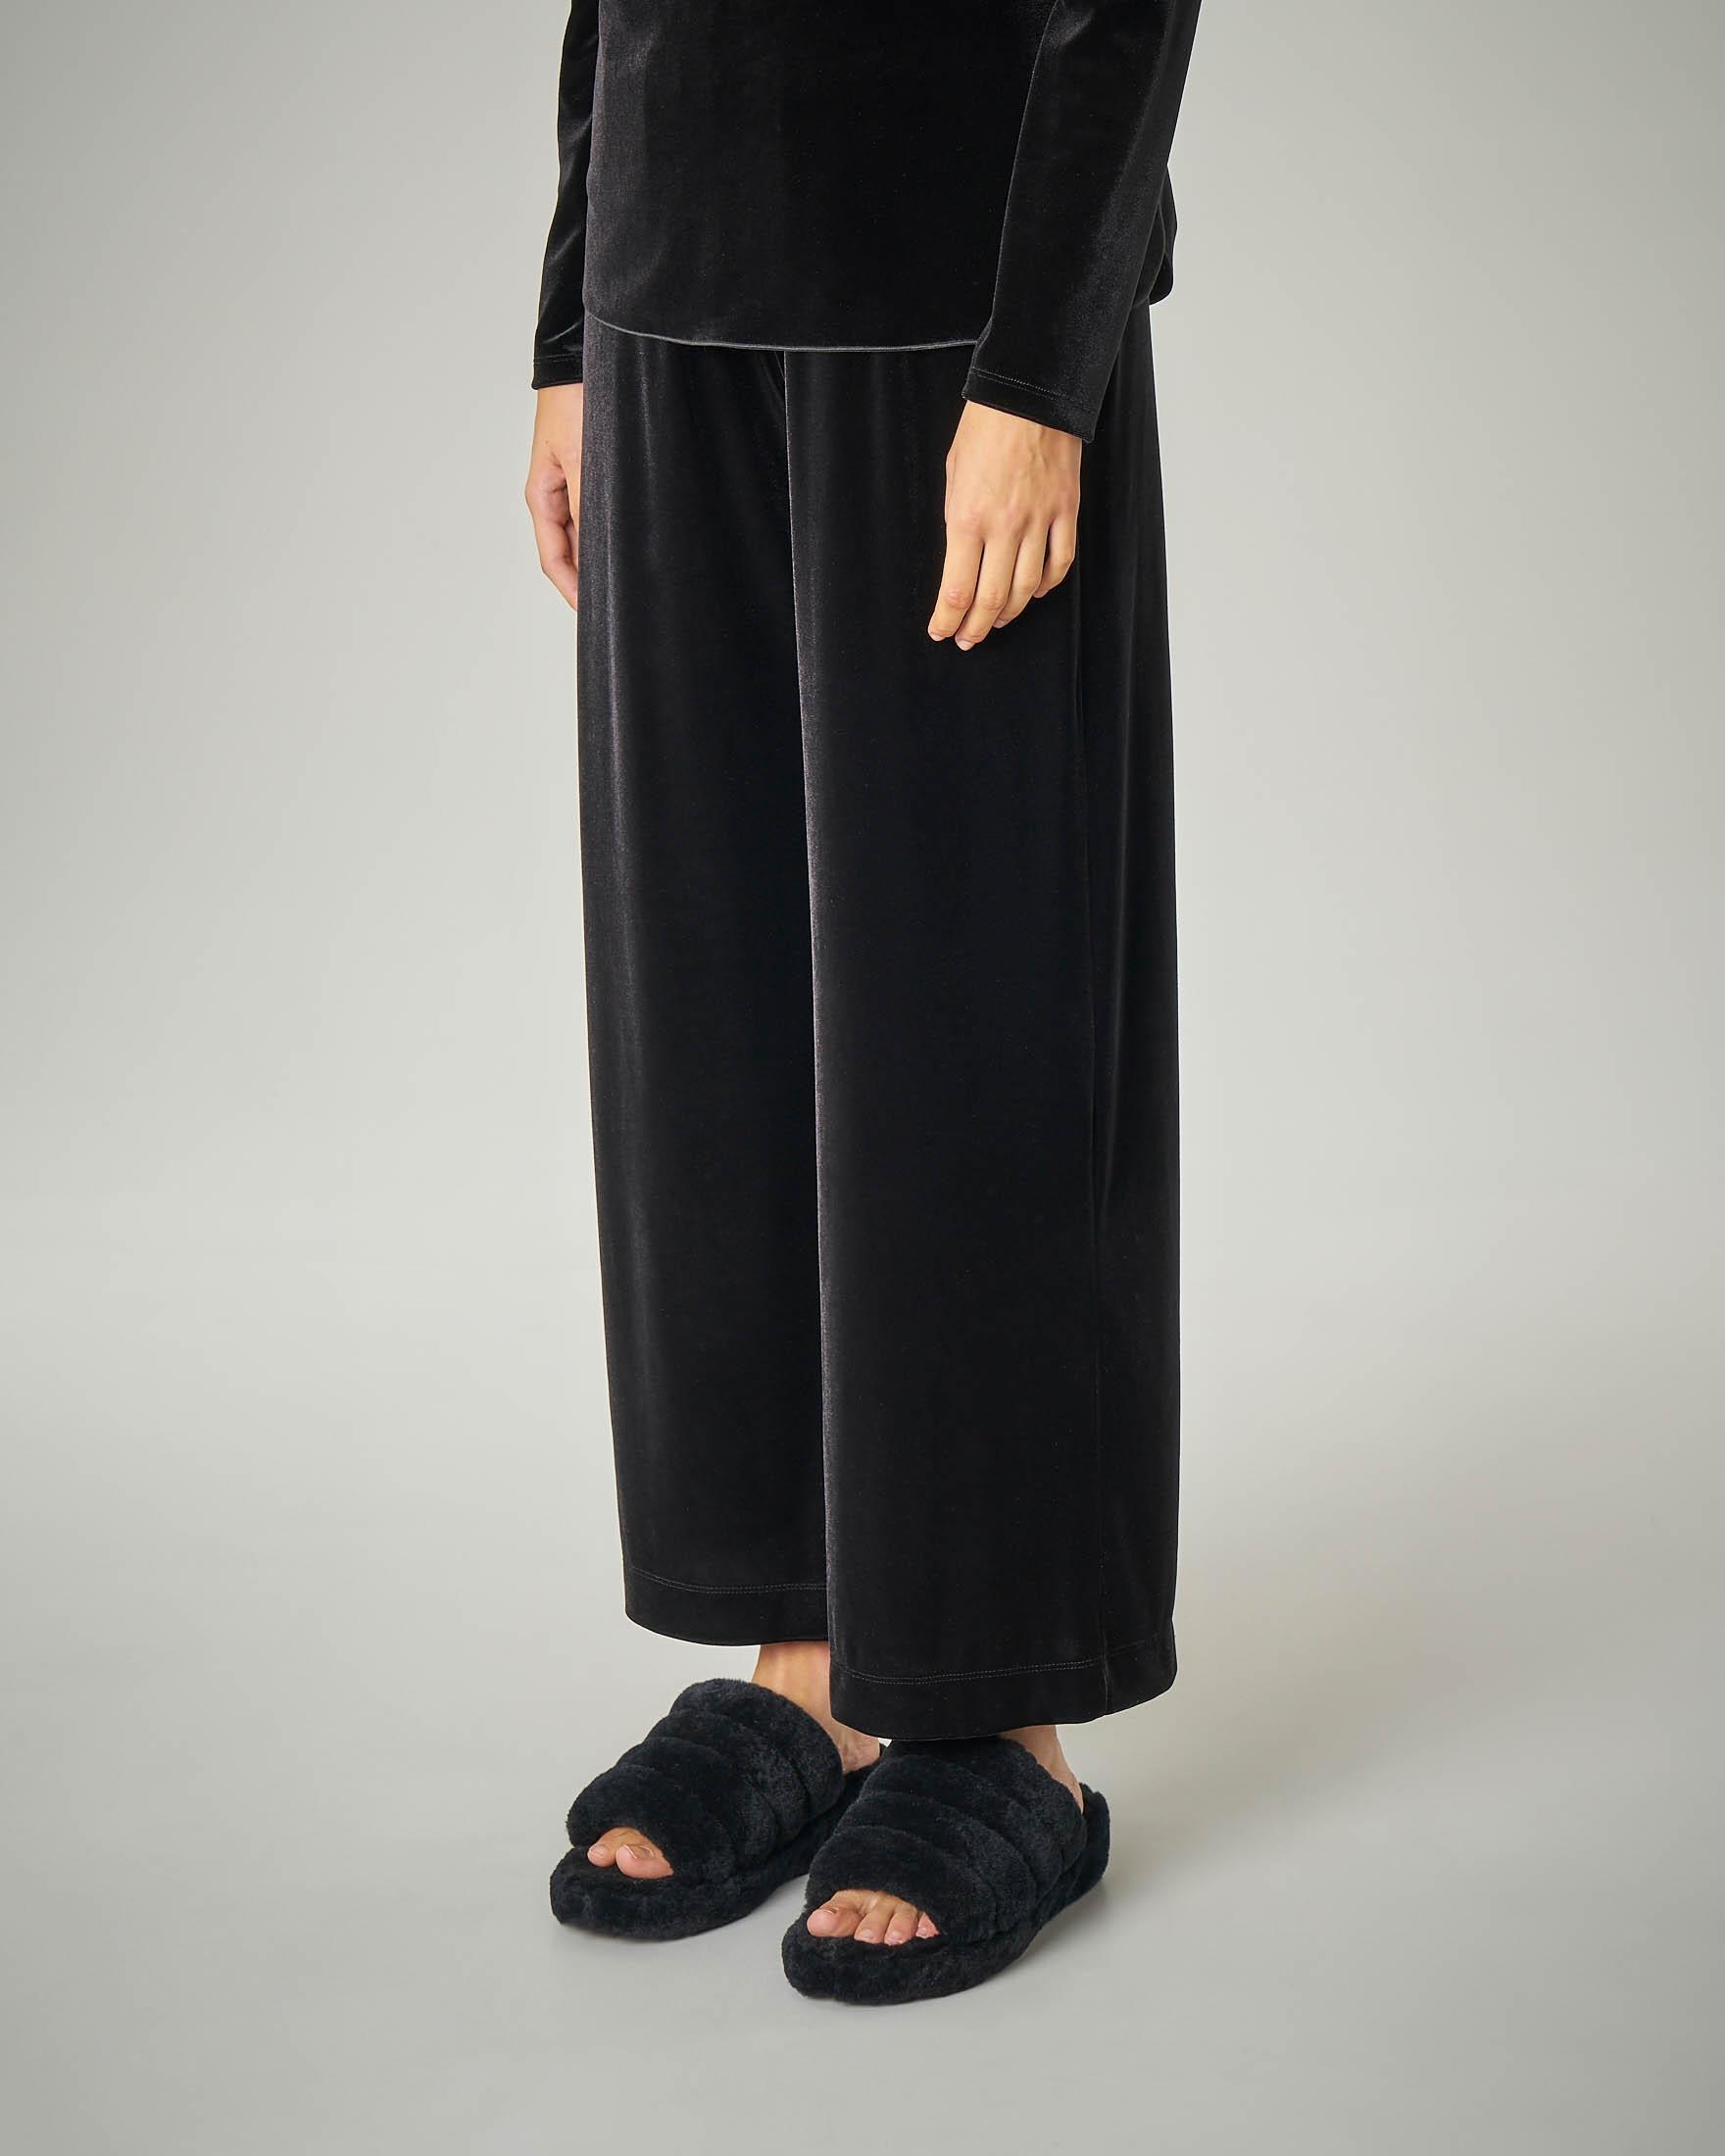 Pantalone palazzo nero in velluto